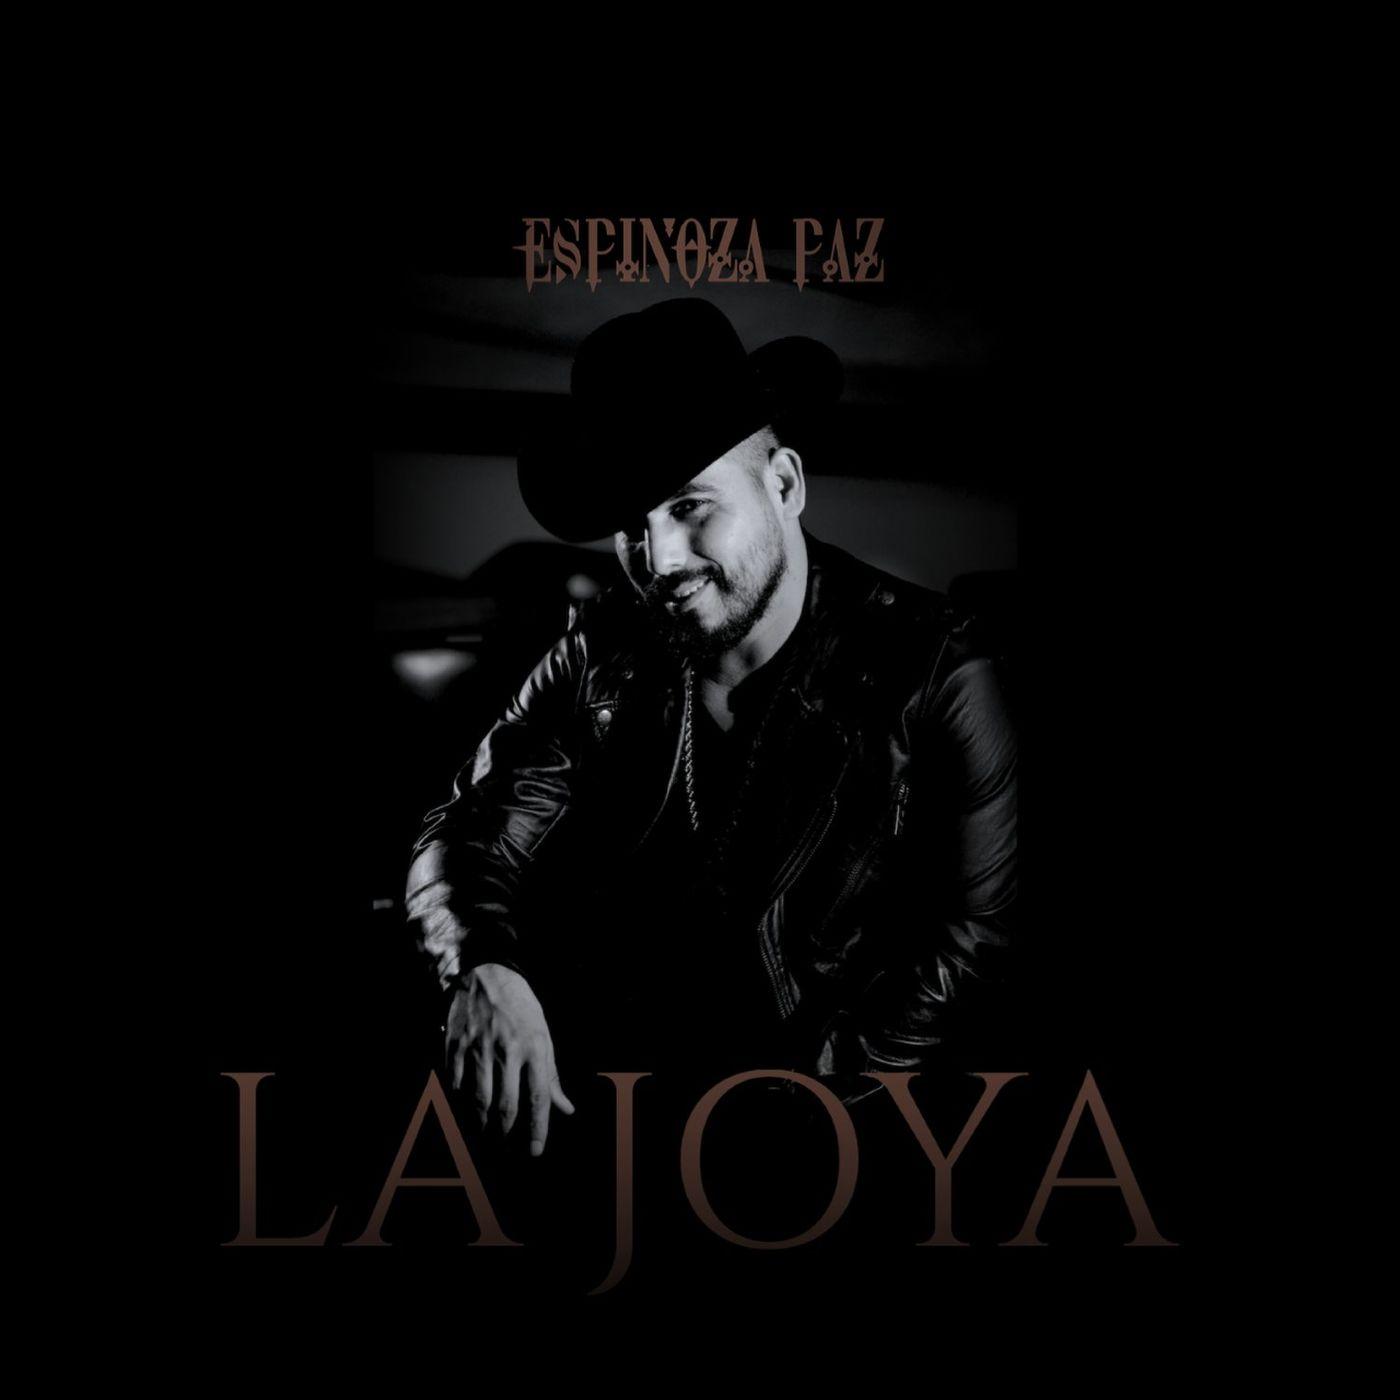 Espinoza Paz – La Joya (Álbum 2020)